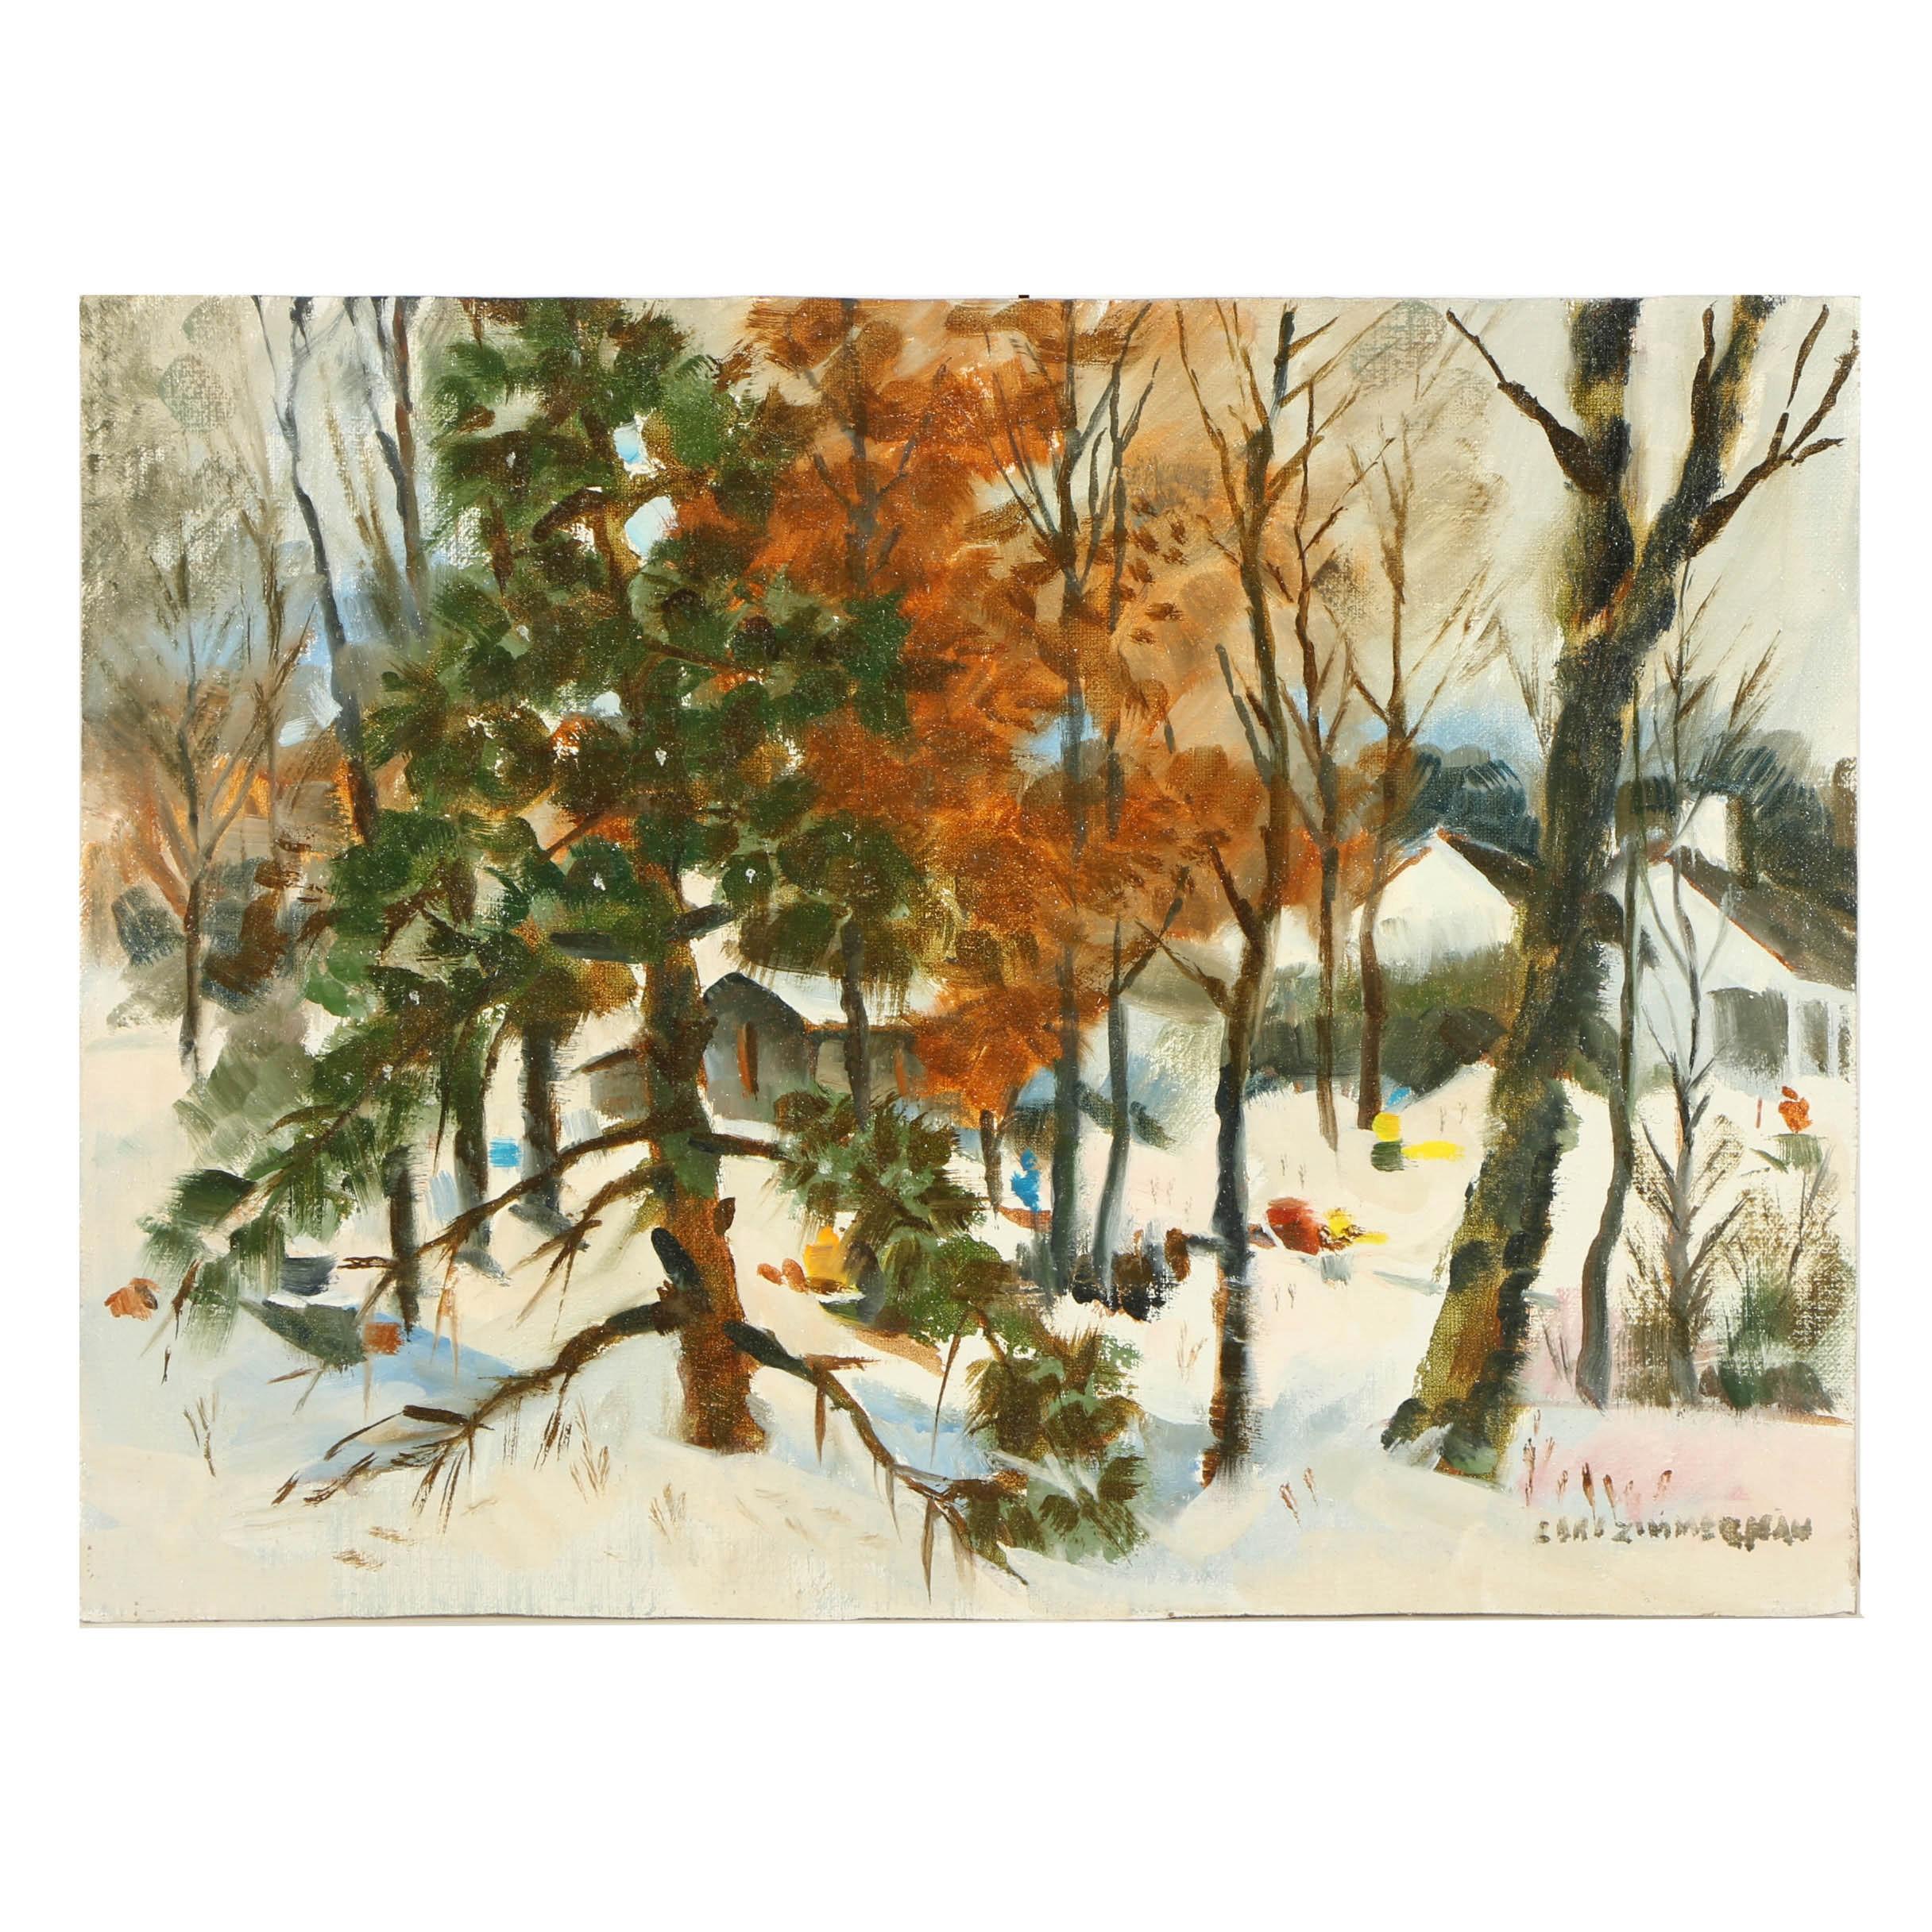 Carl Zimmerman Oil on Canvas Board of a Winter Landscape